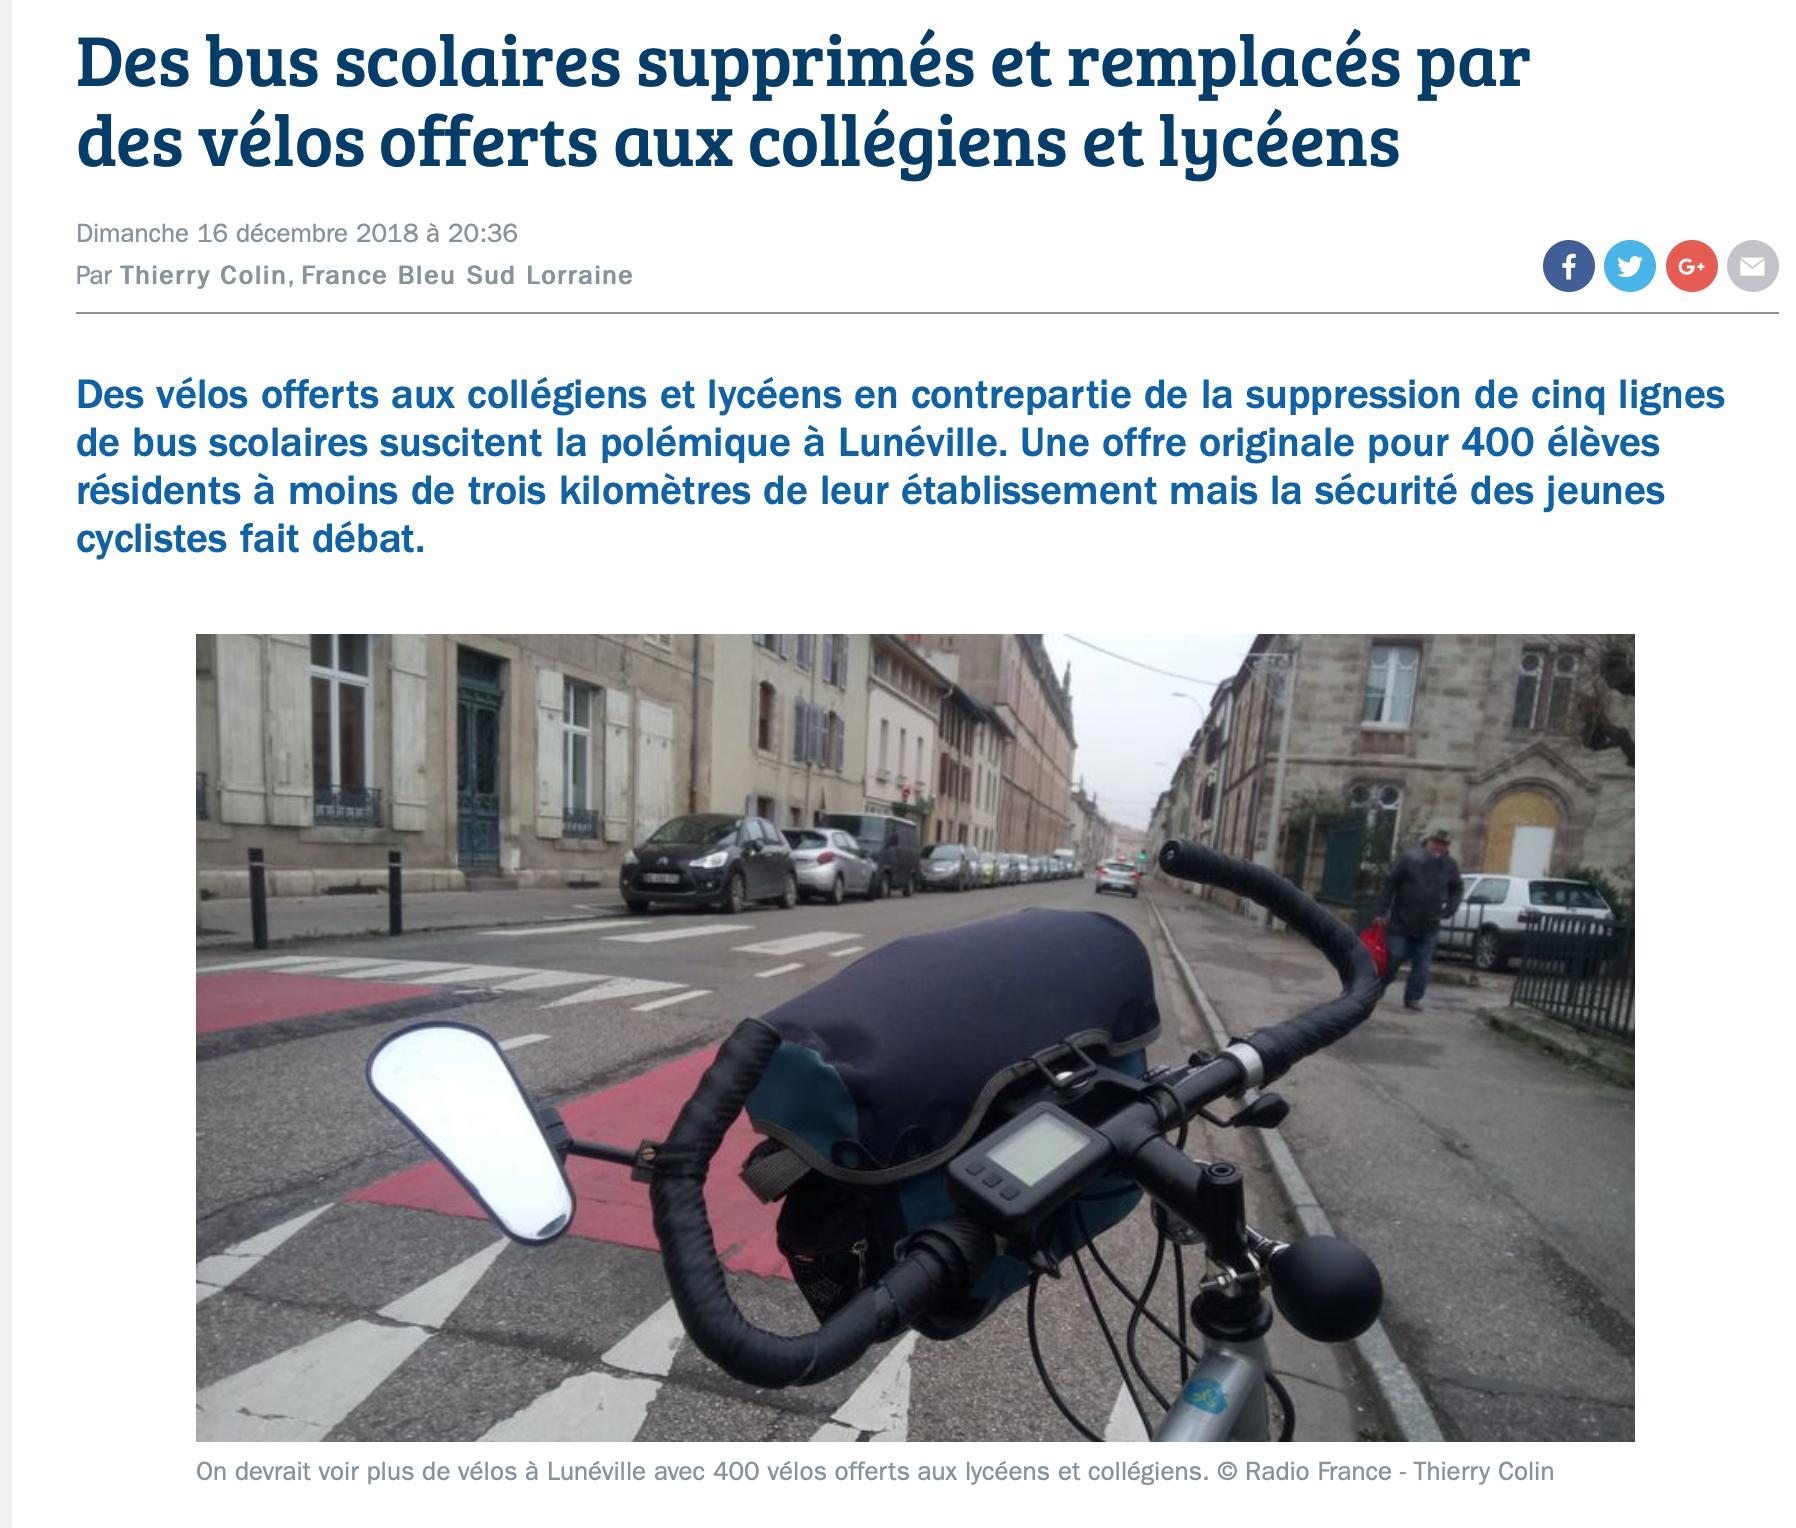 Meurthe-et-Moselle  : ils veulent supprimer les cars de ramassage scolaire,  à  vélo les bouseux !